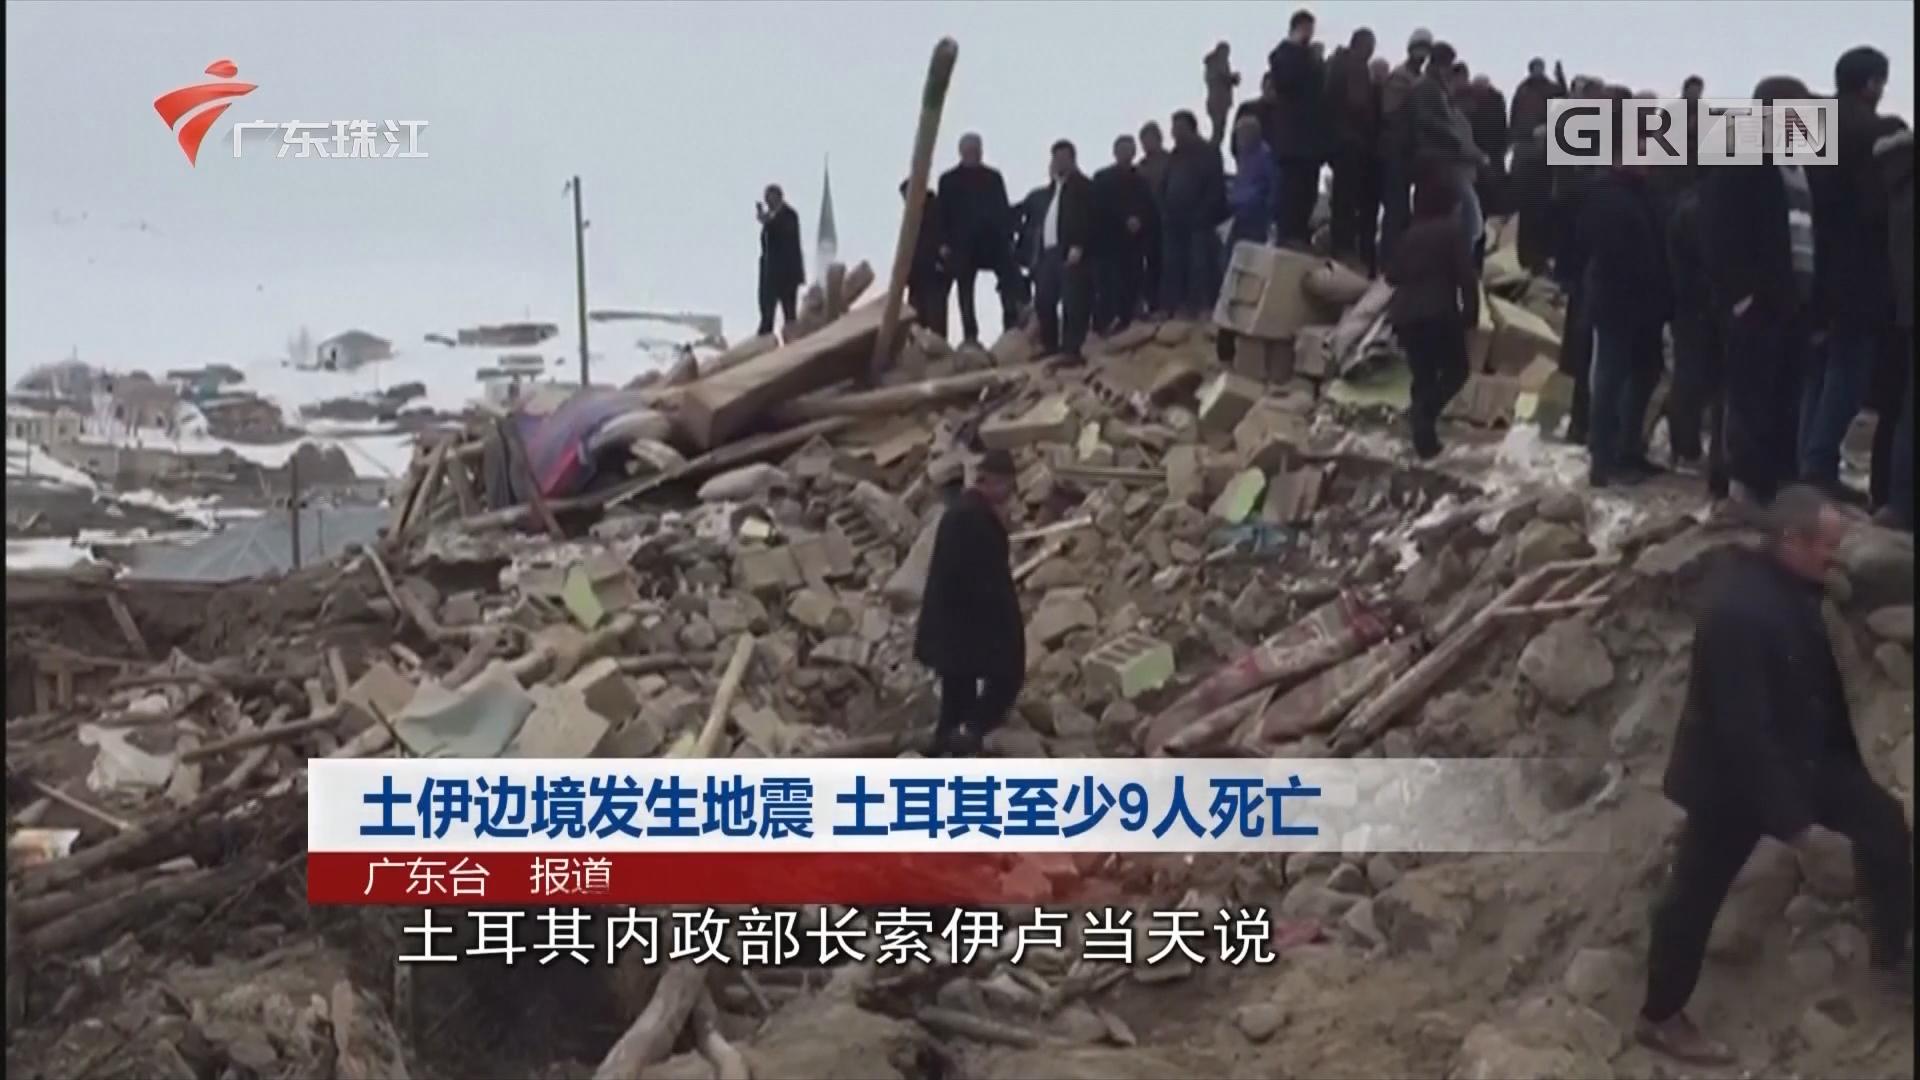 土伊边境发生地震 土耳其至少9人死亡